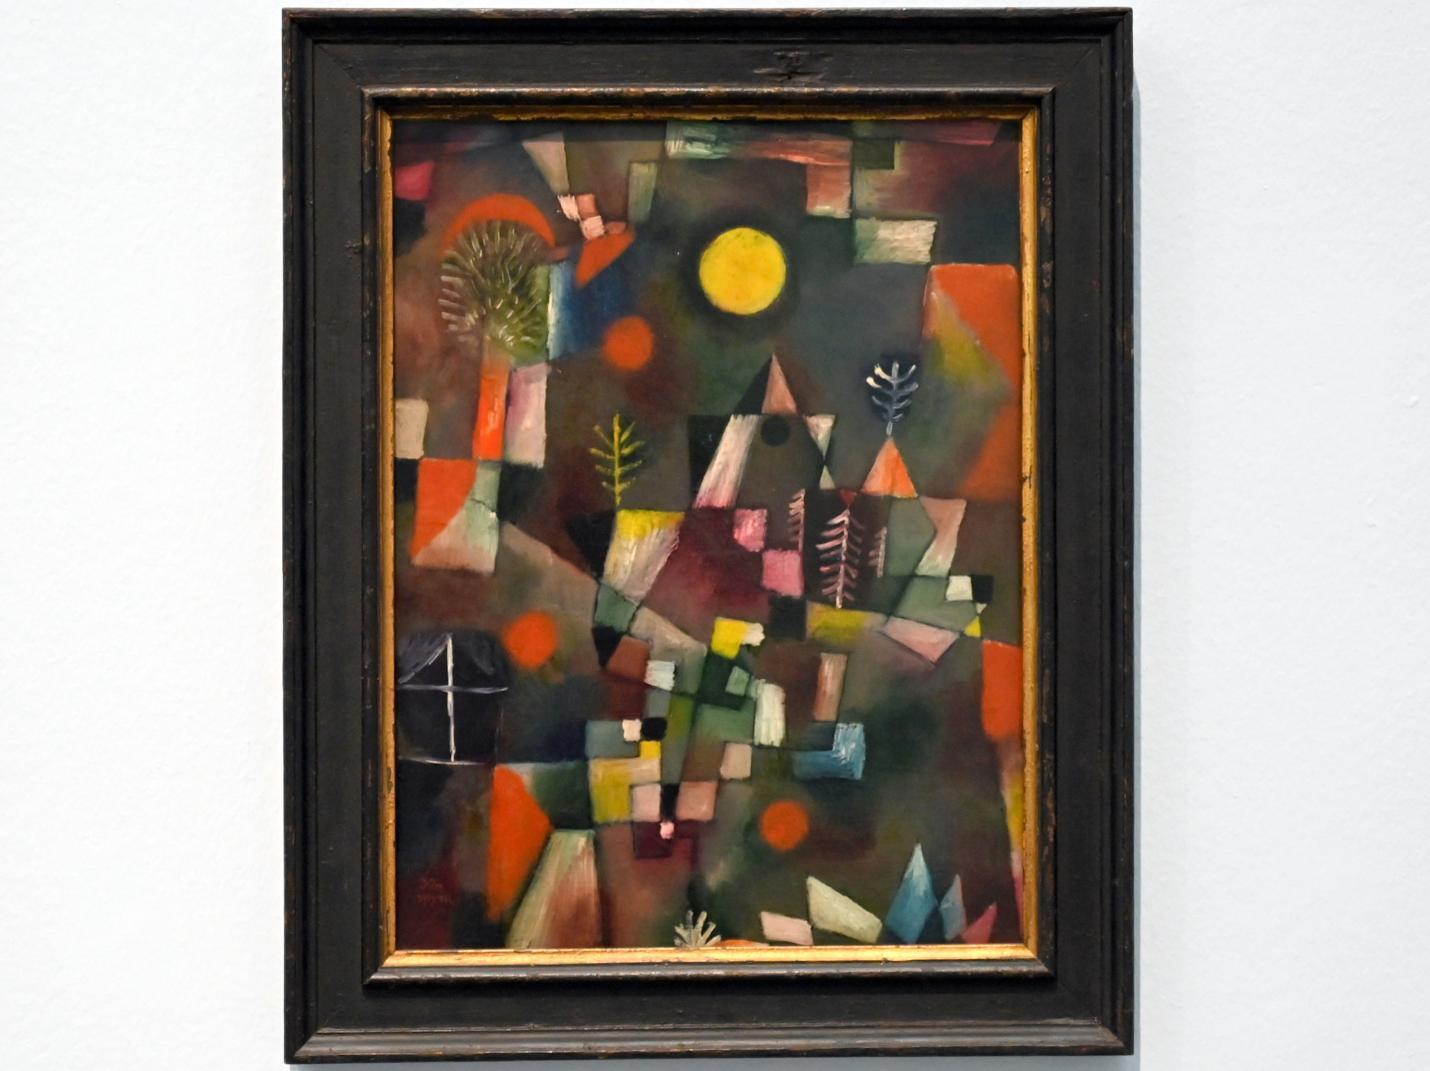 Paul Klee: Der Vollmond, 1919